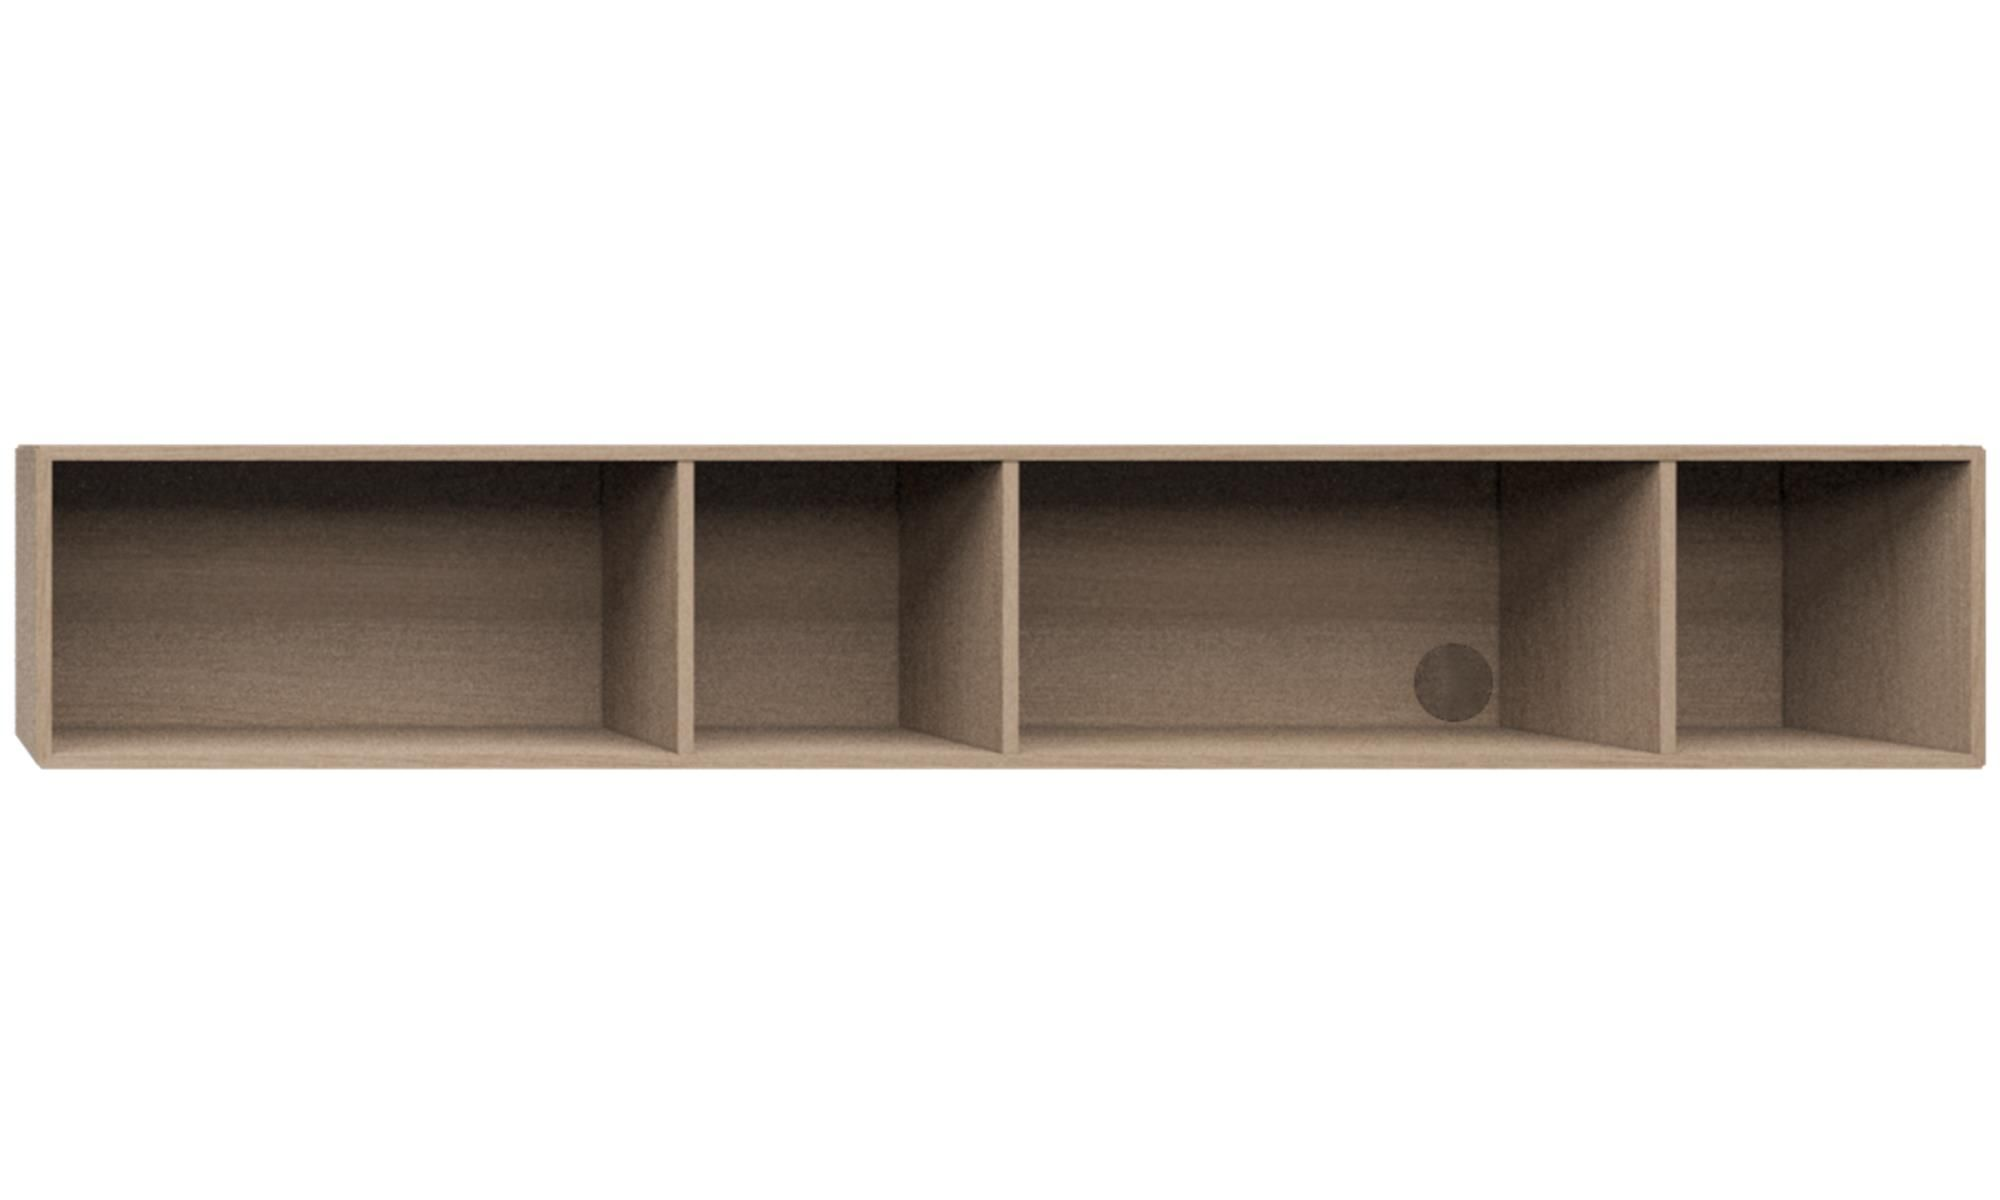 Regale und Bücherschränke - Como Regal - Braun - Eiche | sofa ...